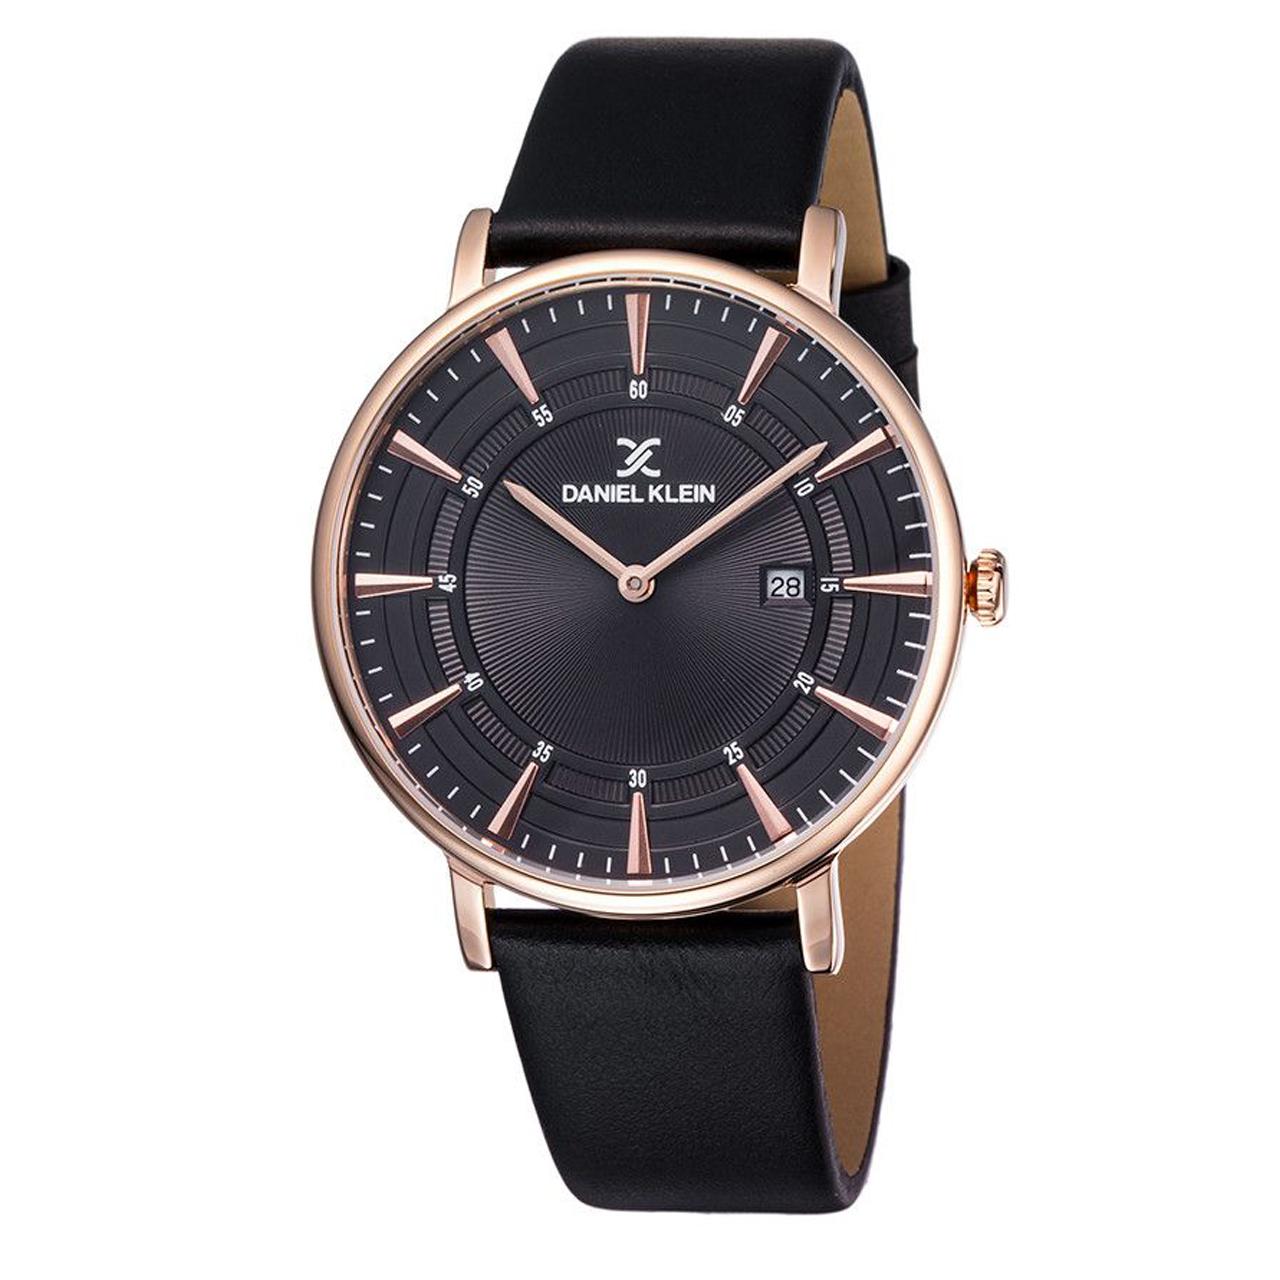 ساعت مچی عقربه ای مردانه دنیل کلین مدل dk11997-2 به همراه دستمال مخصوص برند کلین واچ 13